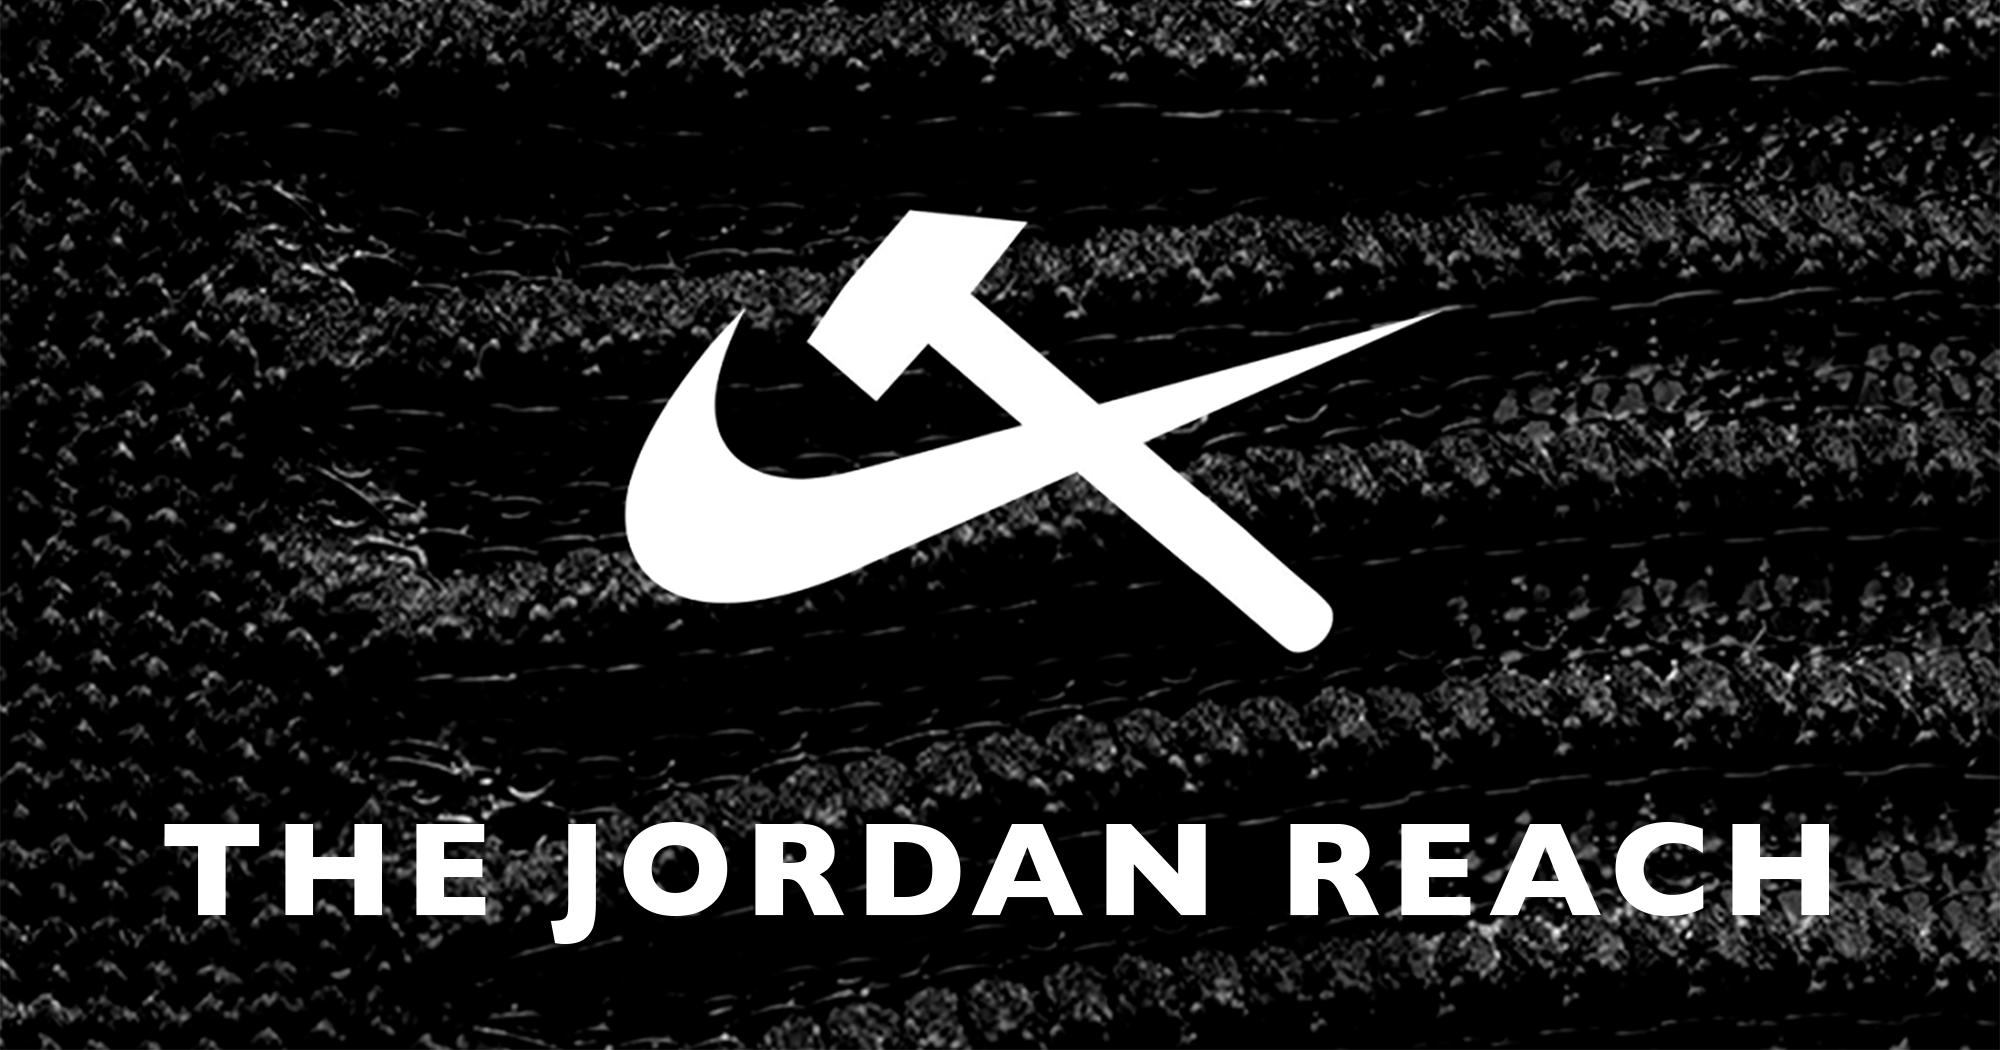 Jordan Reach